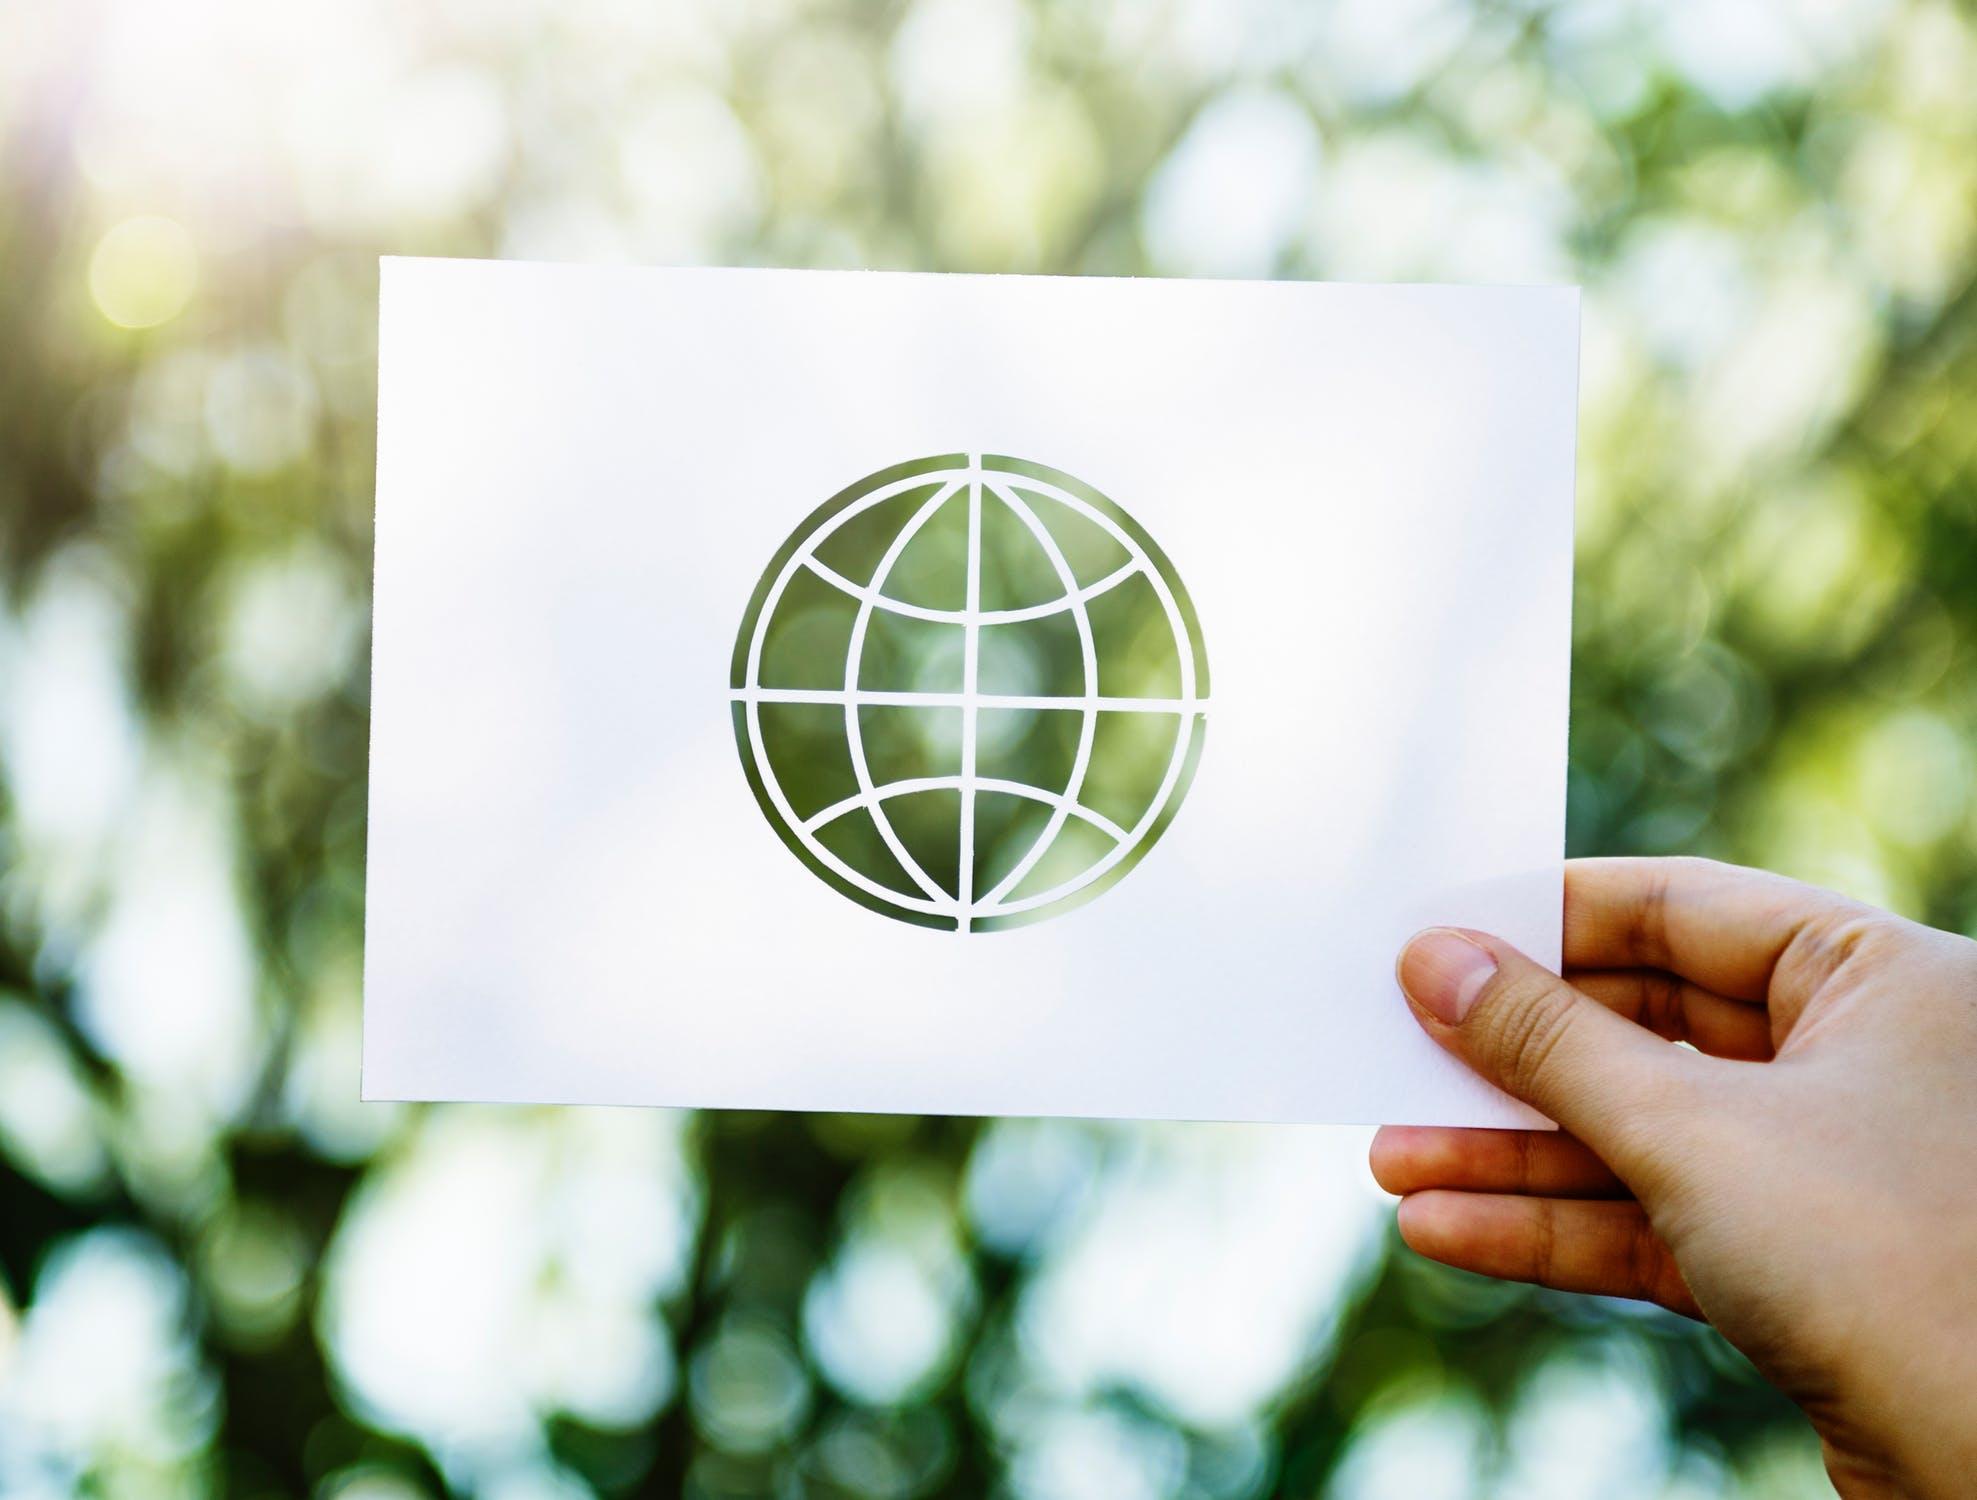 Digitale Ökosysteme – ein innovativer Ansatz für eine bessere Kundenorientierung